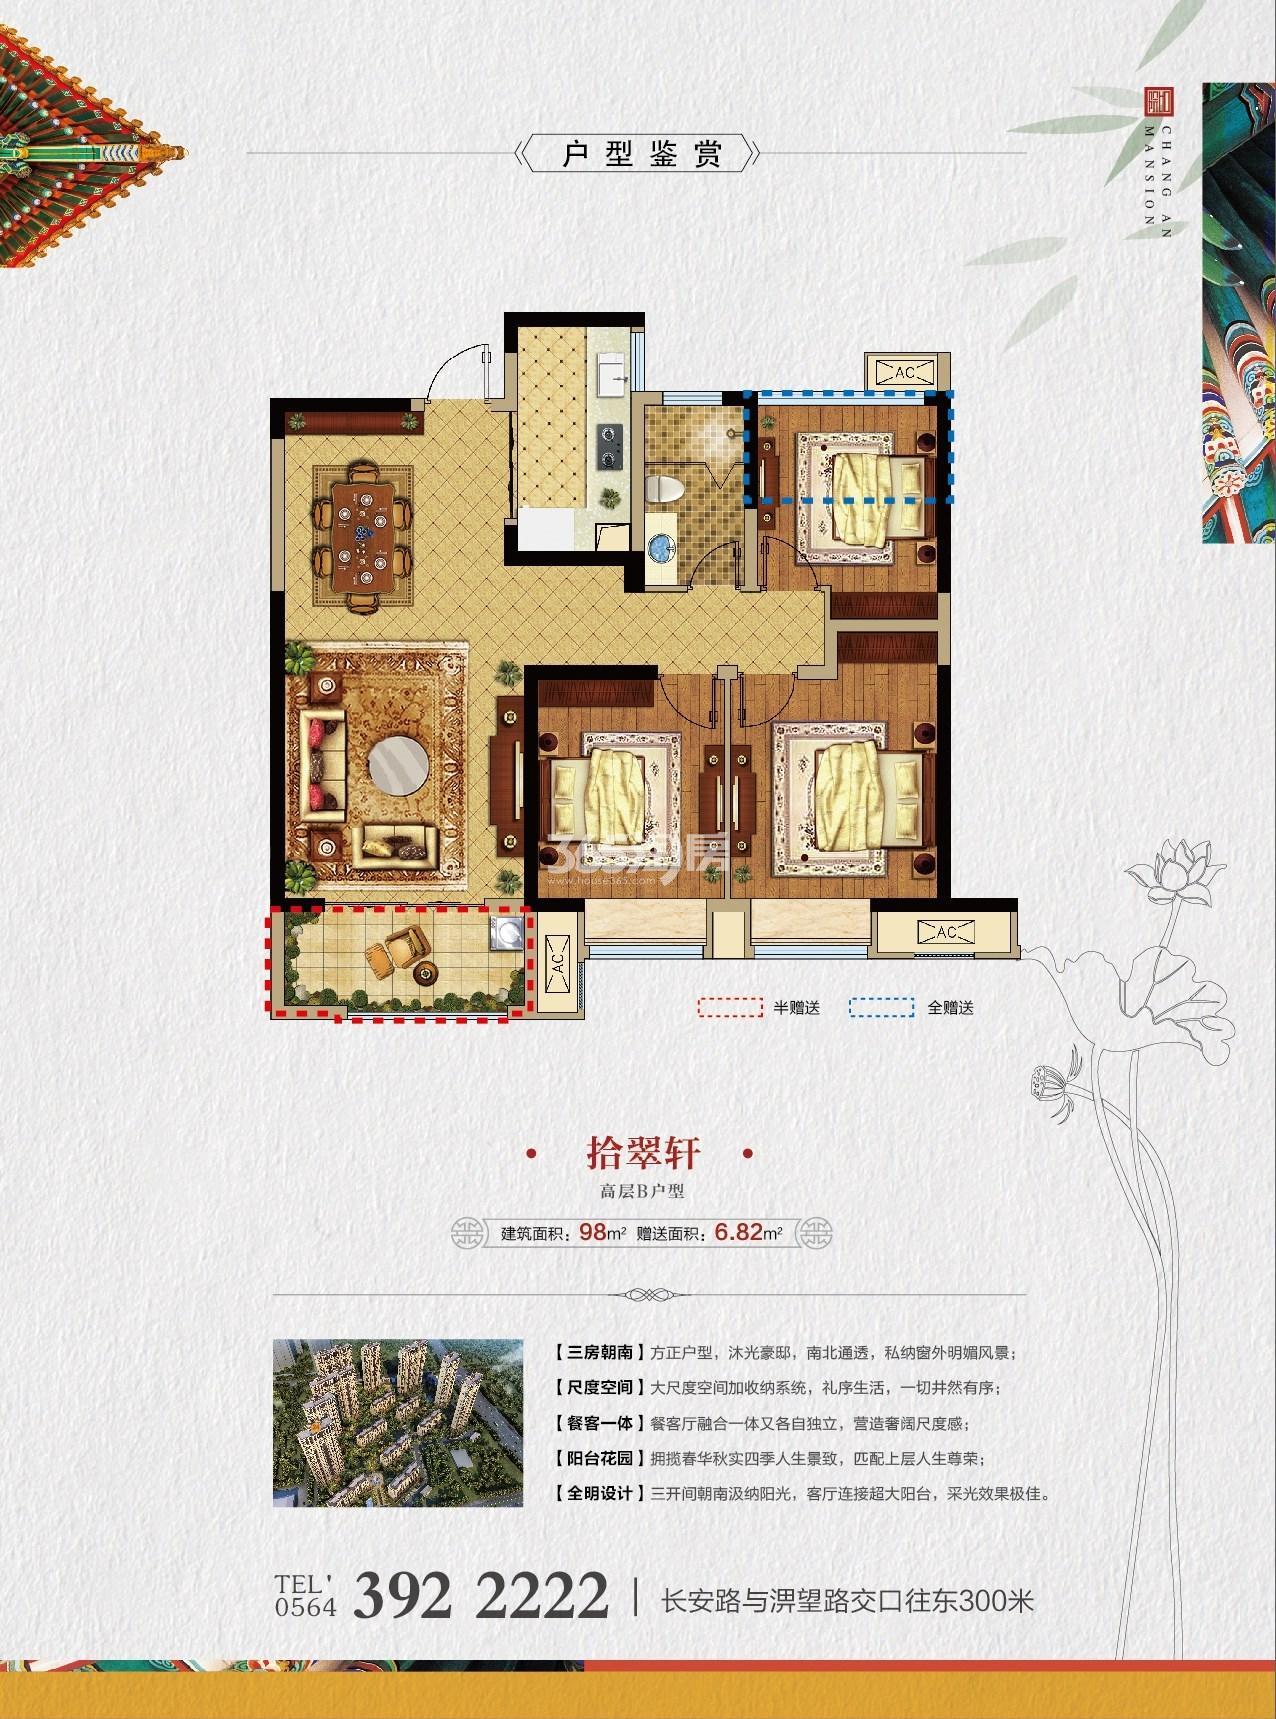 长安城·如院项目拾翠轩高层B户型98平米户型图